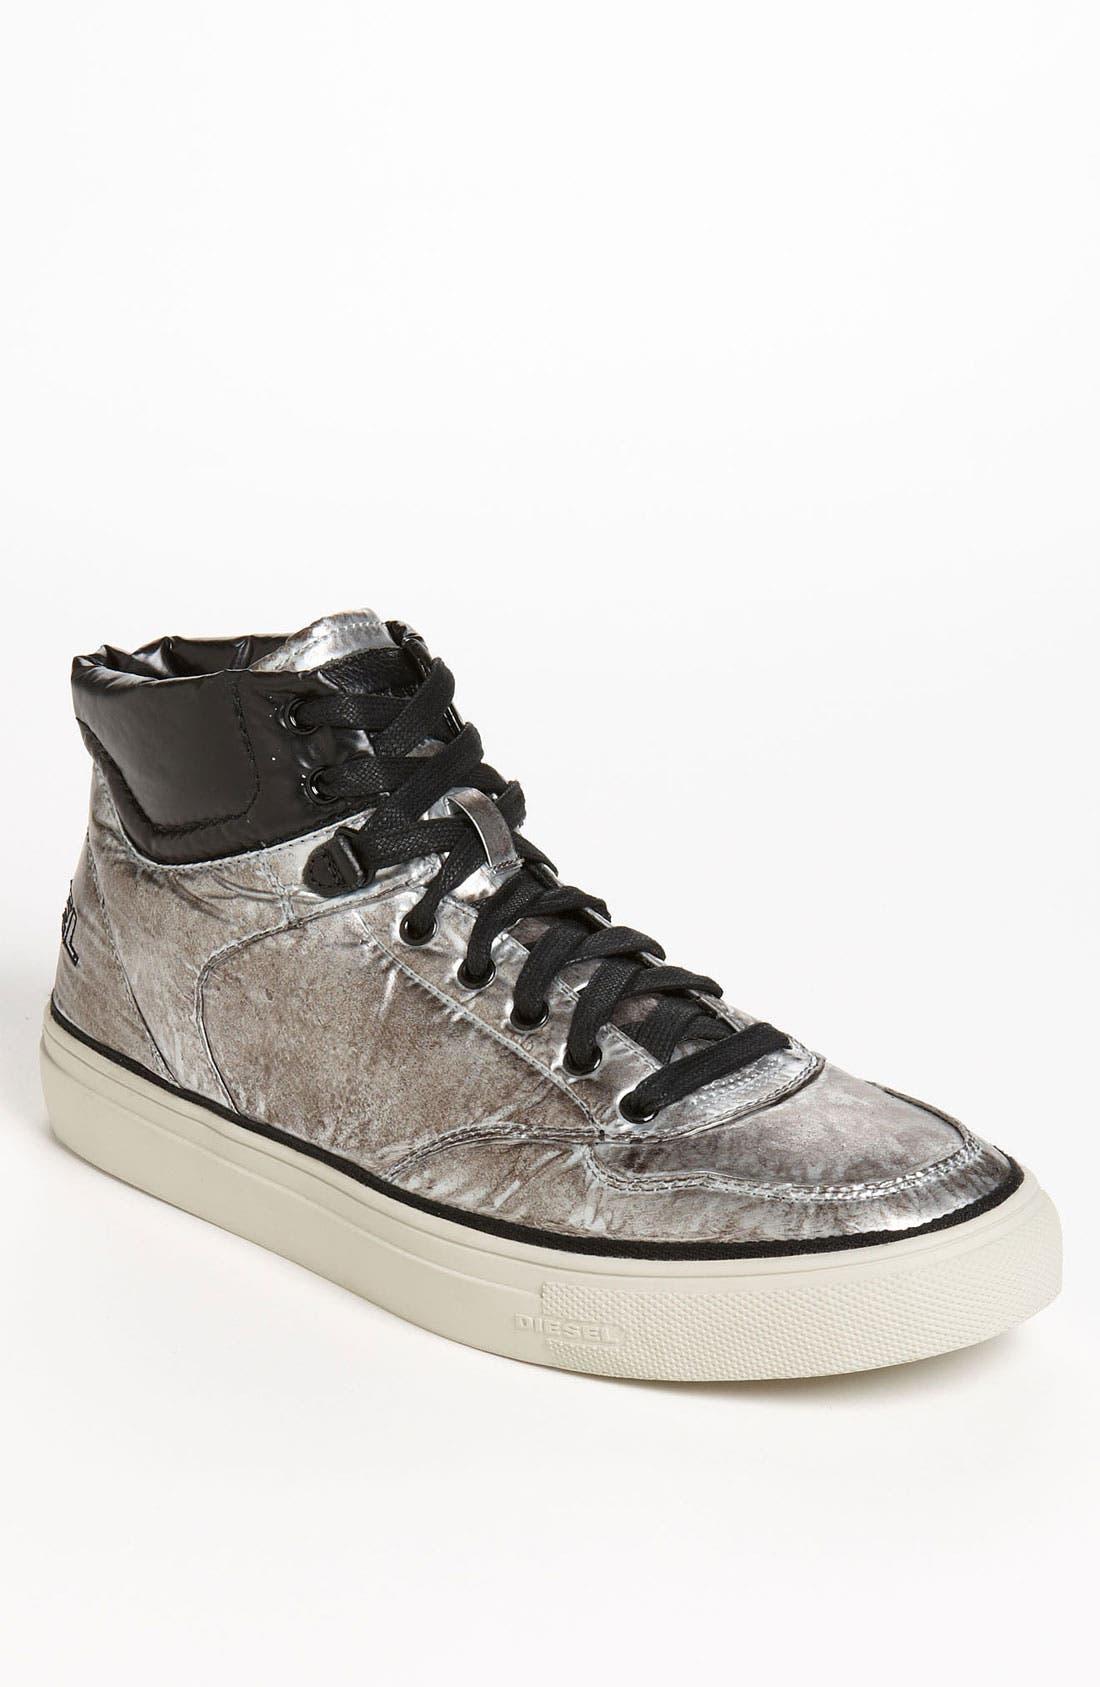 Main Image - DIESEL® 'Moonlight Invasion' Sneaker